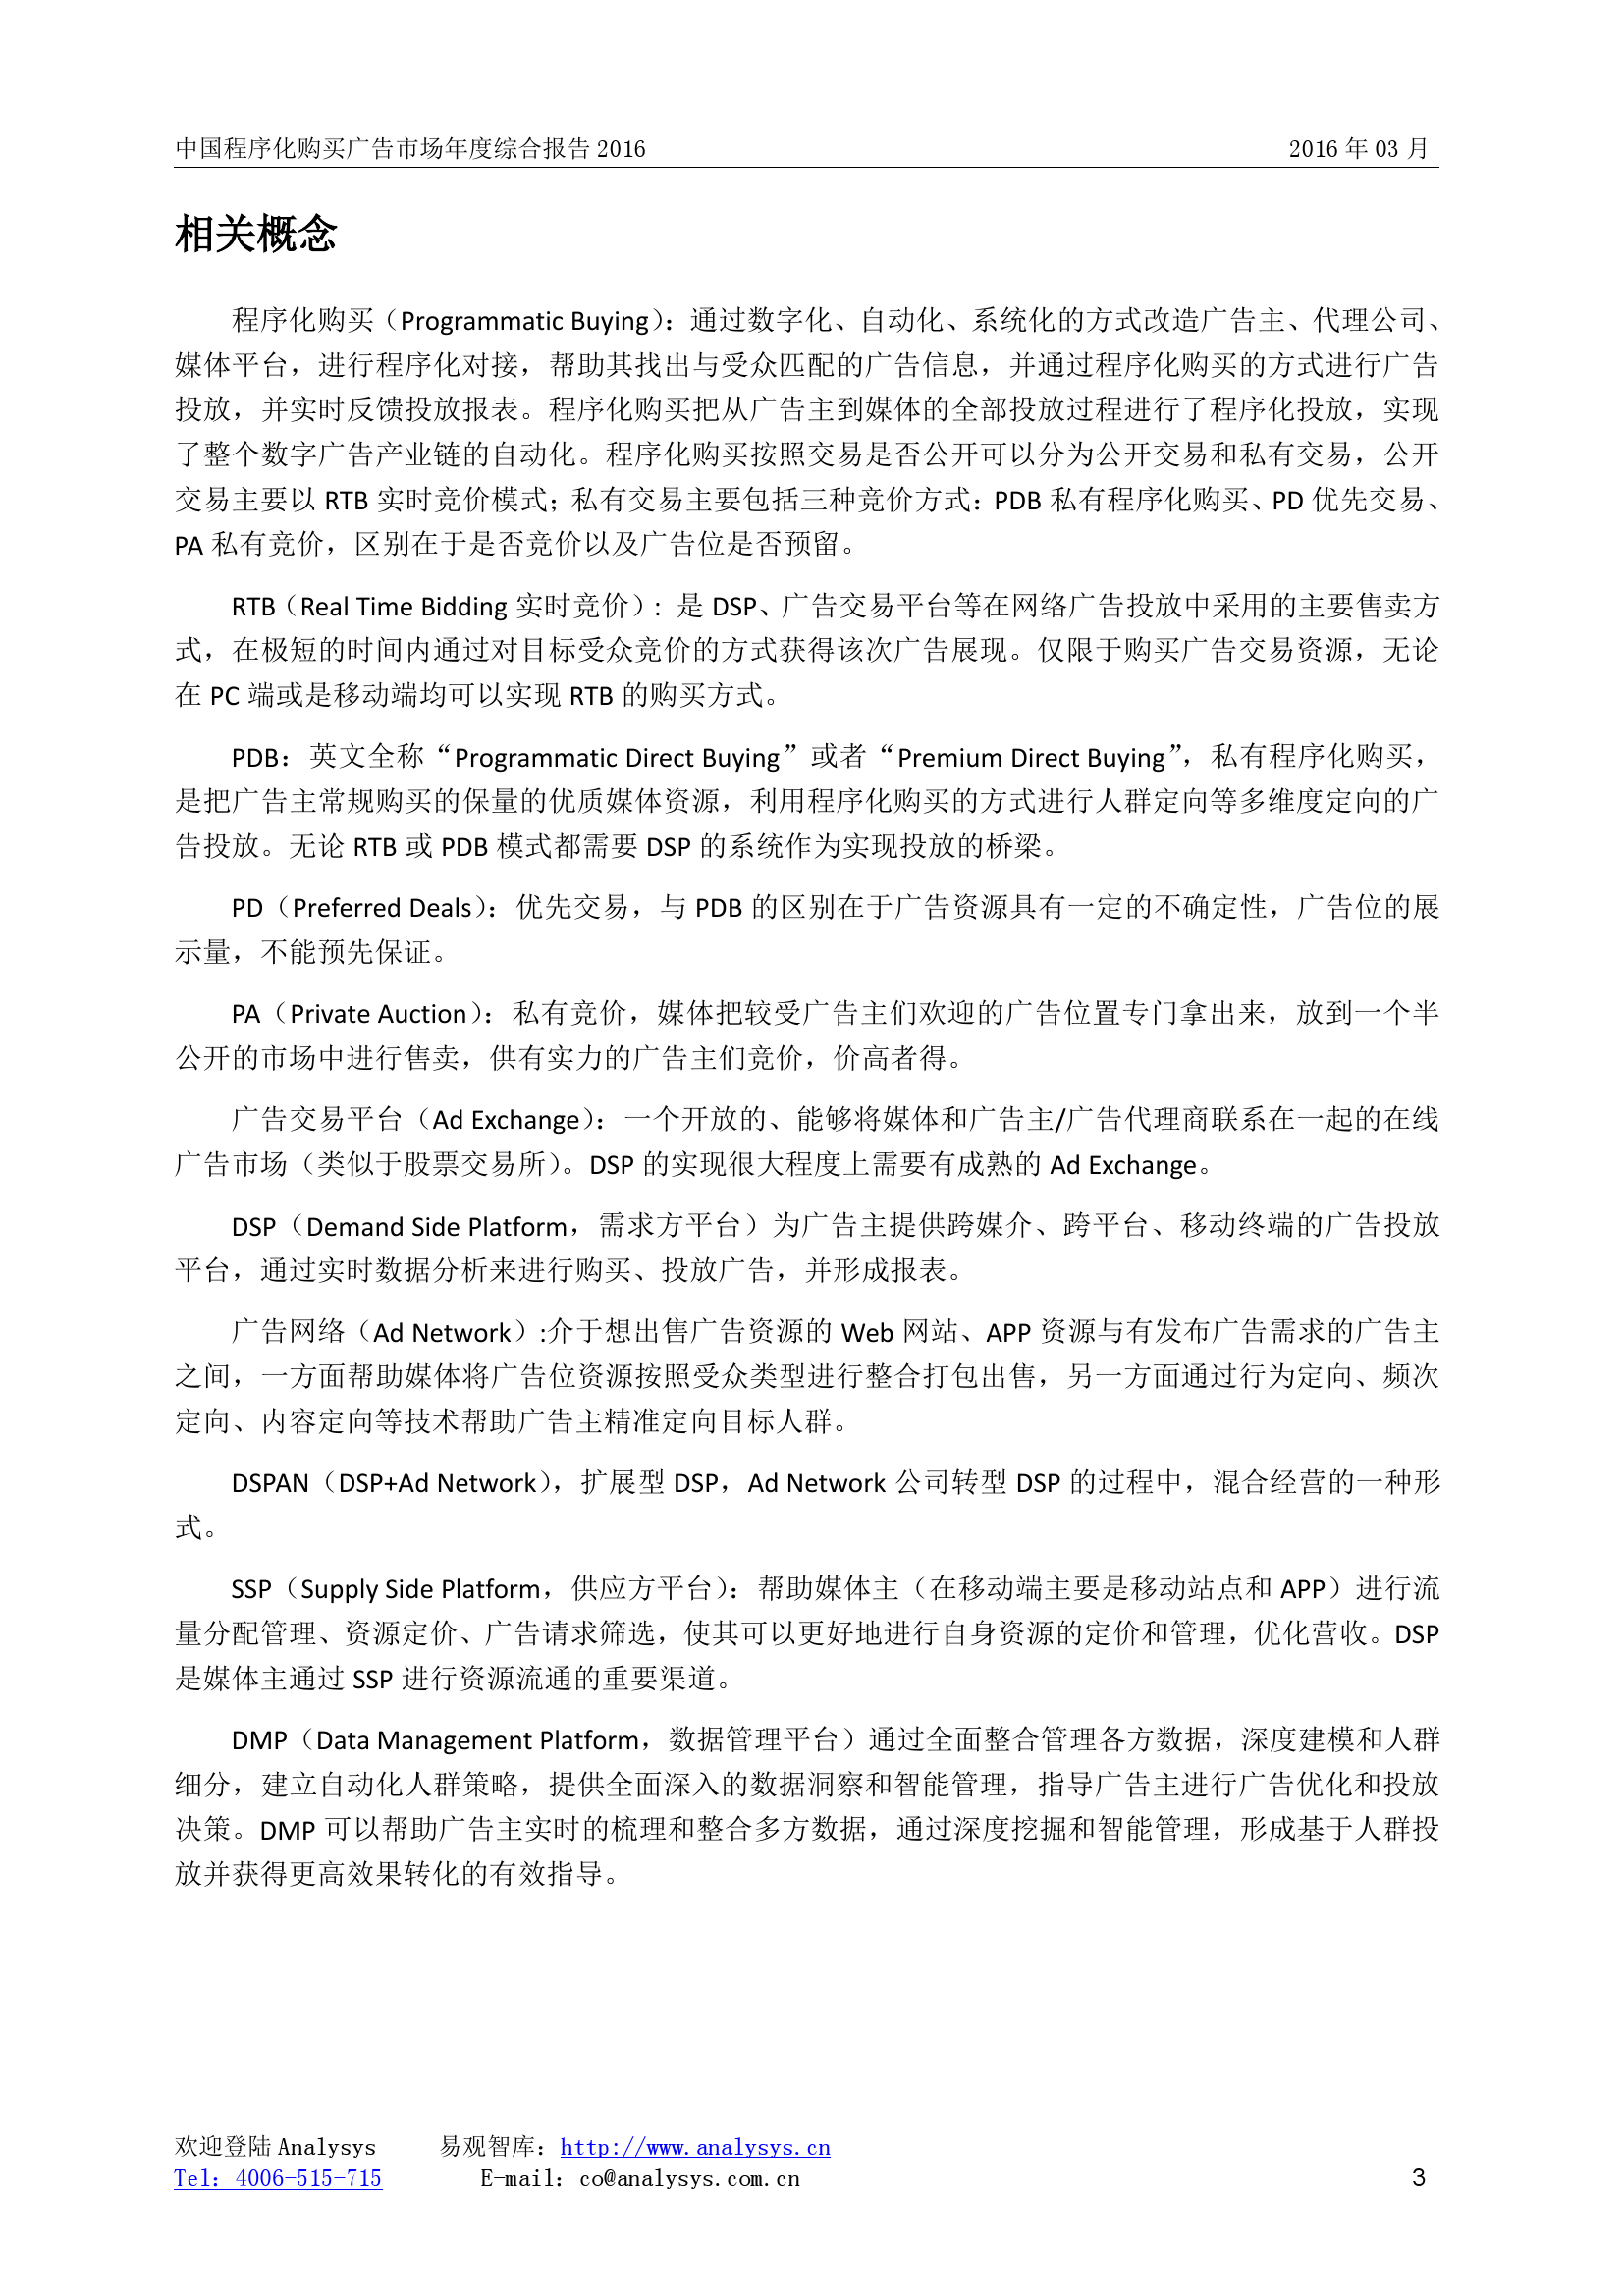 中国程序化购买广告市场年度综合报告2016_000003